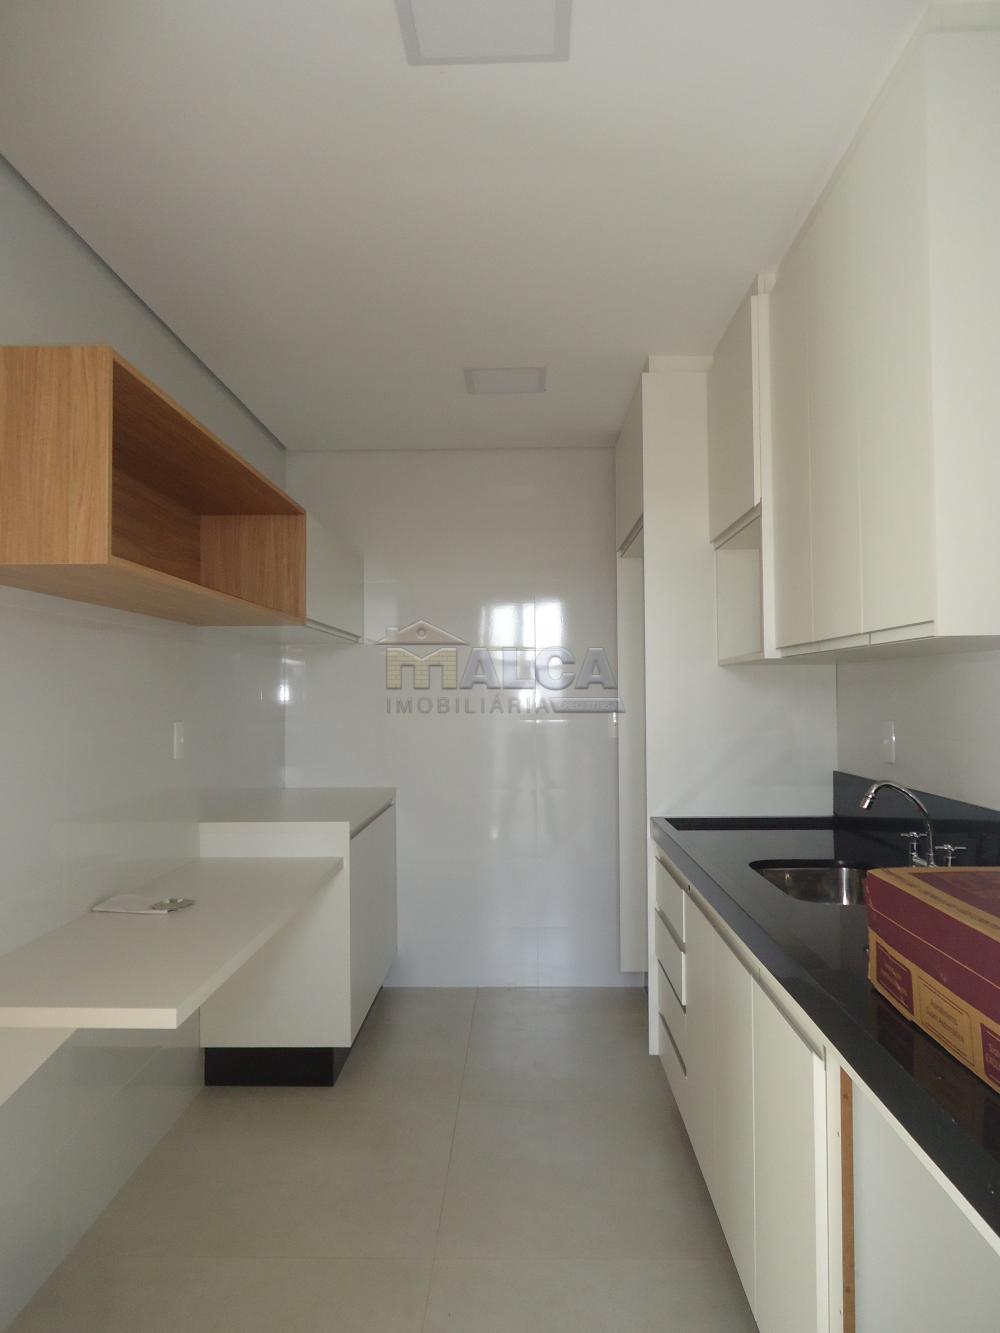 Alugar Apartamentos / Condomínio em São José do Rio Pardo apenas R$ 2.000,00 - Foto 25